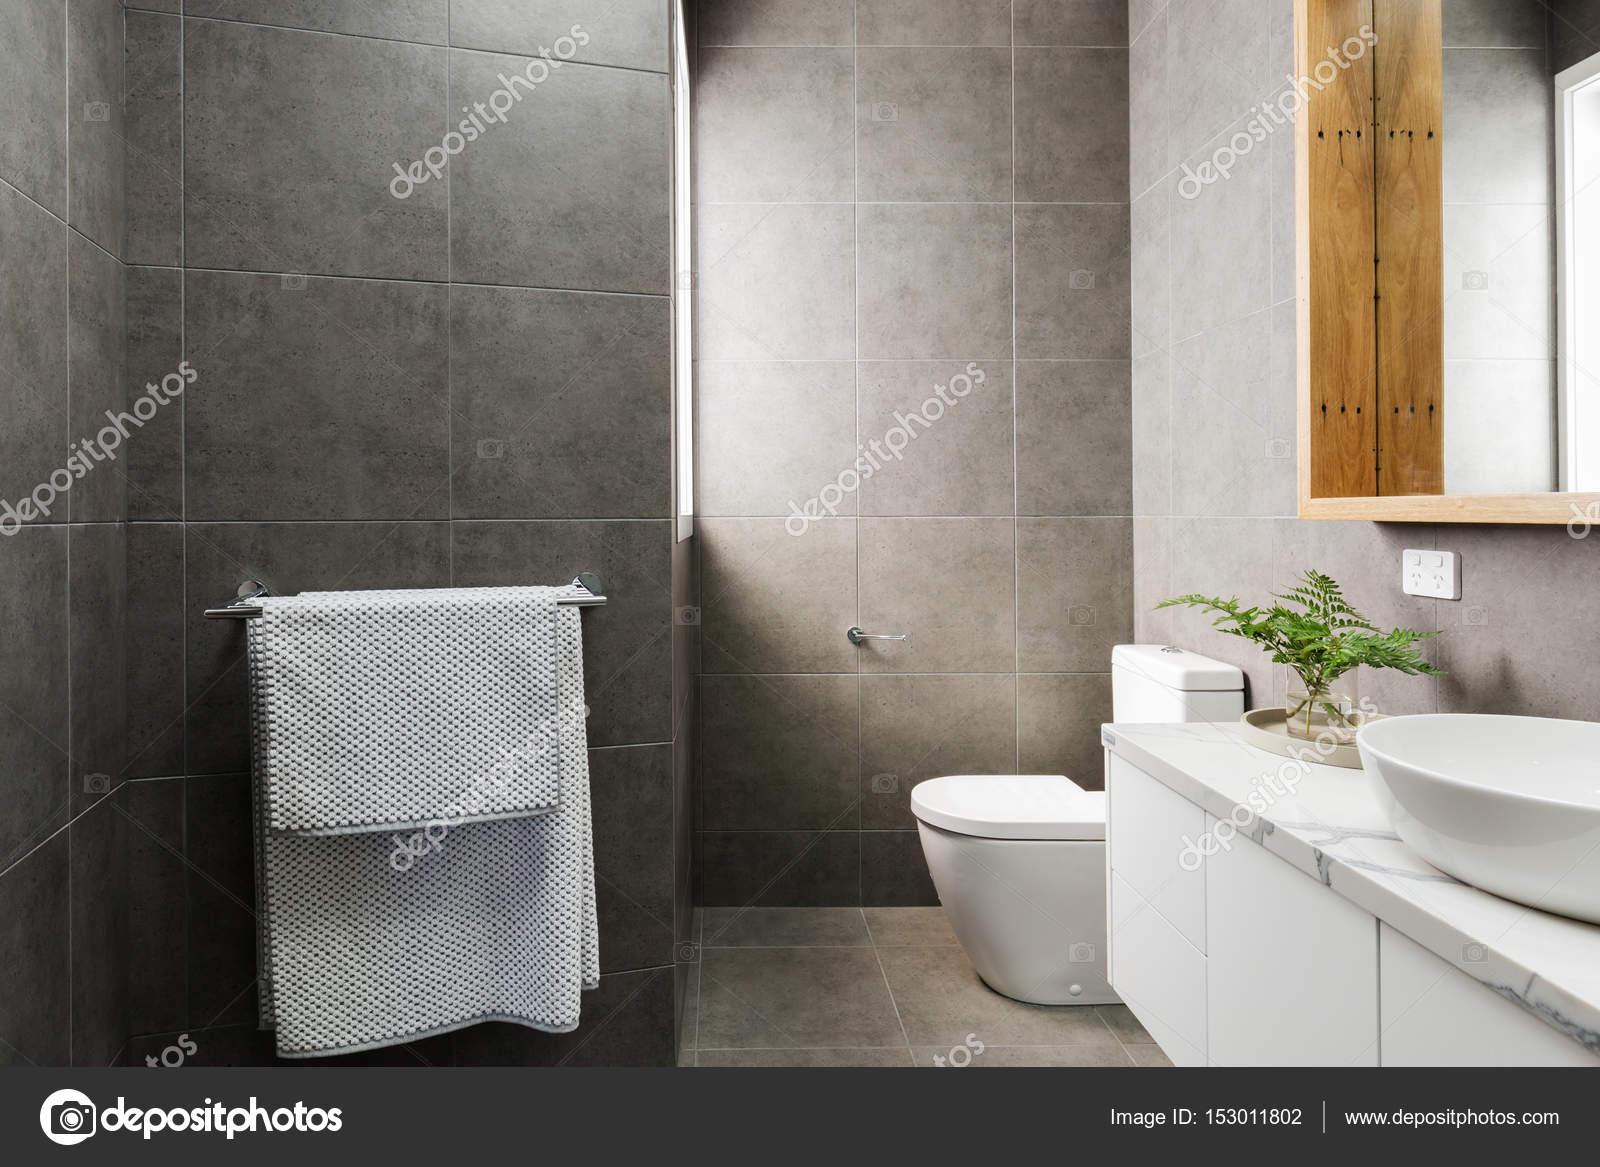 Anthrazit Grau, Modernes Bad Mit Marmor Benctop Und Holz Spiegel U2014 Foto Von  Jodiejohnson